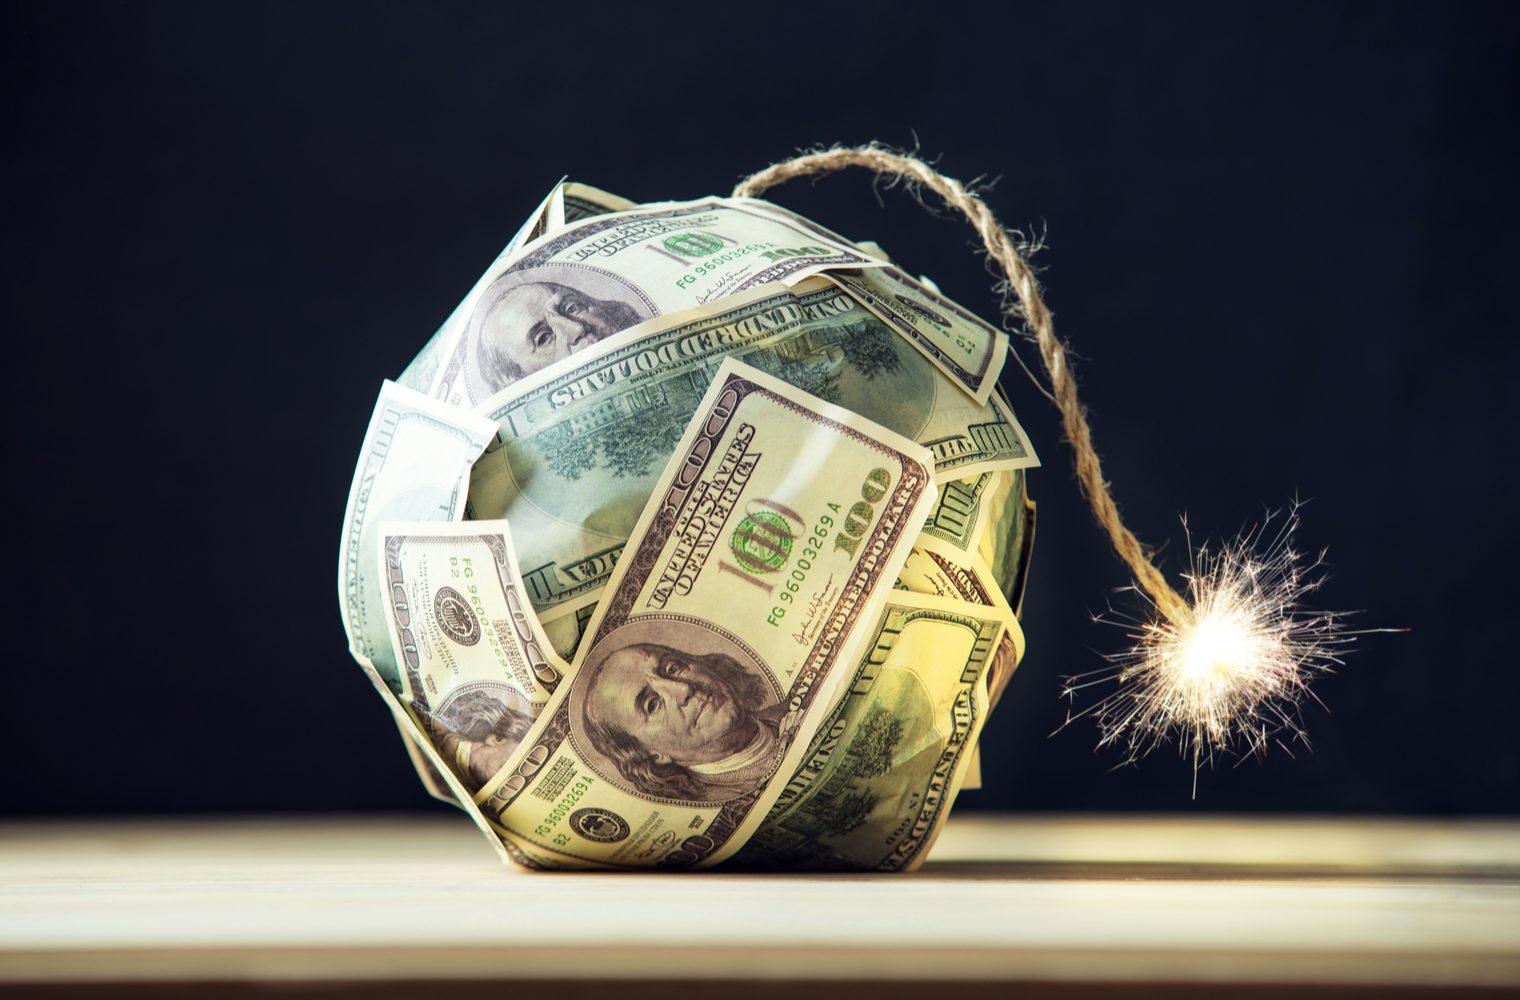 Los temores de crisis aumentan a medida que la deuda global alcanza un récord de $ 250 billones